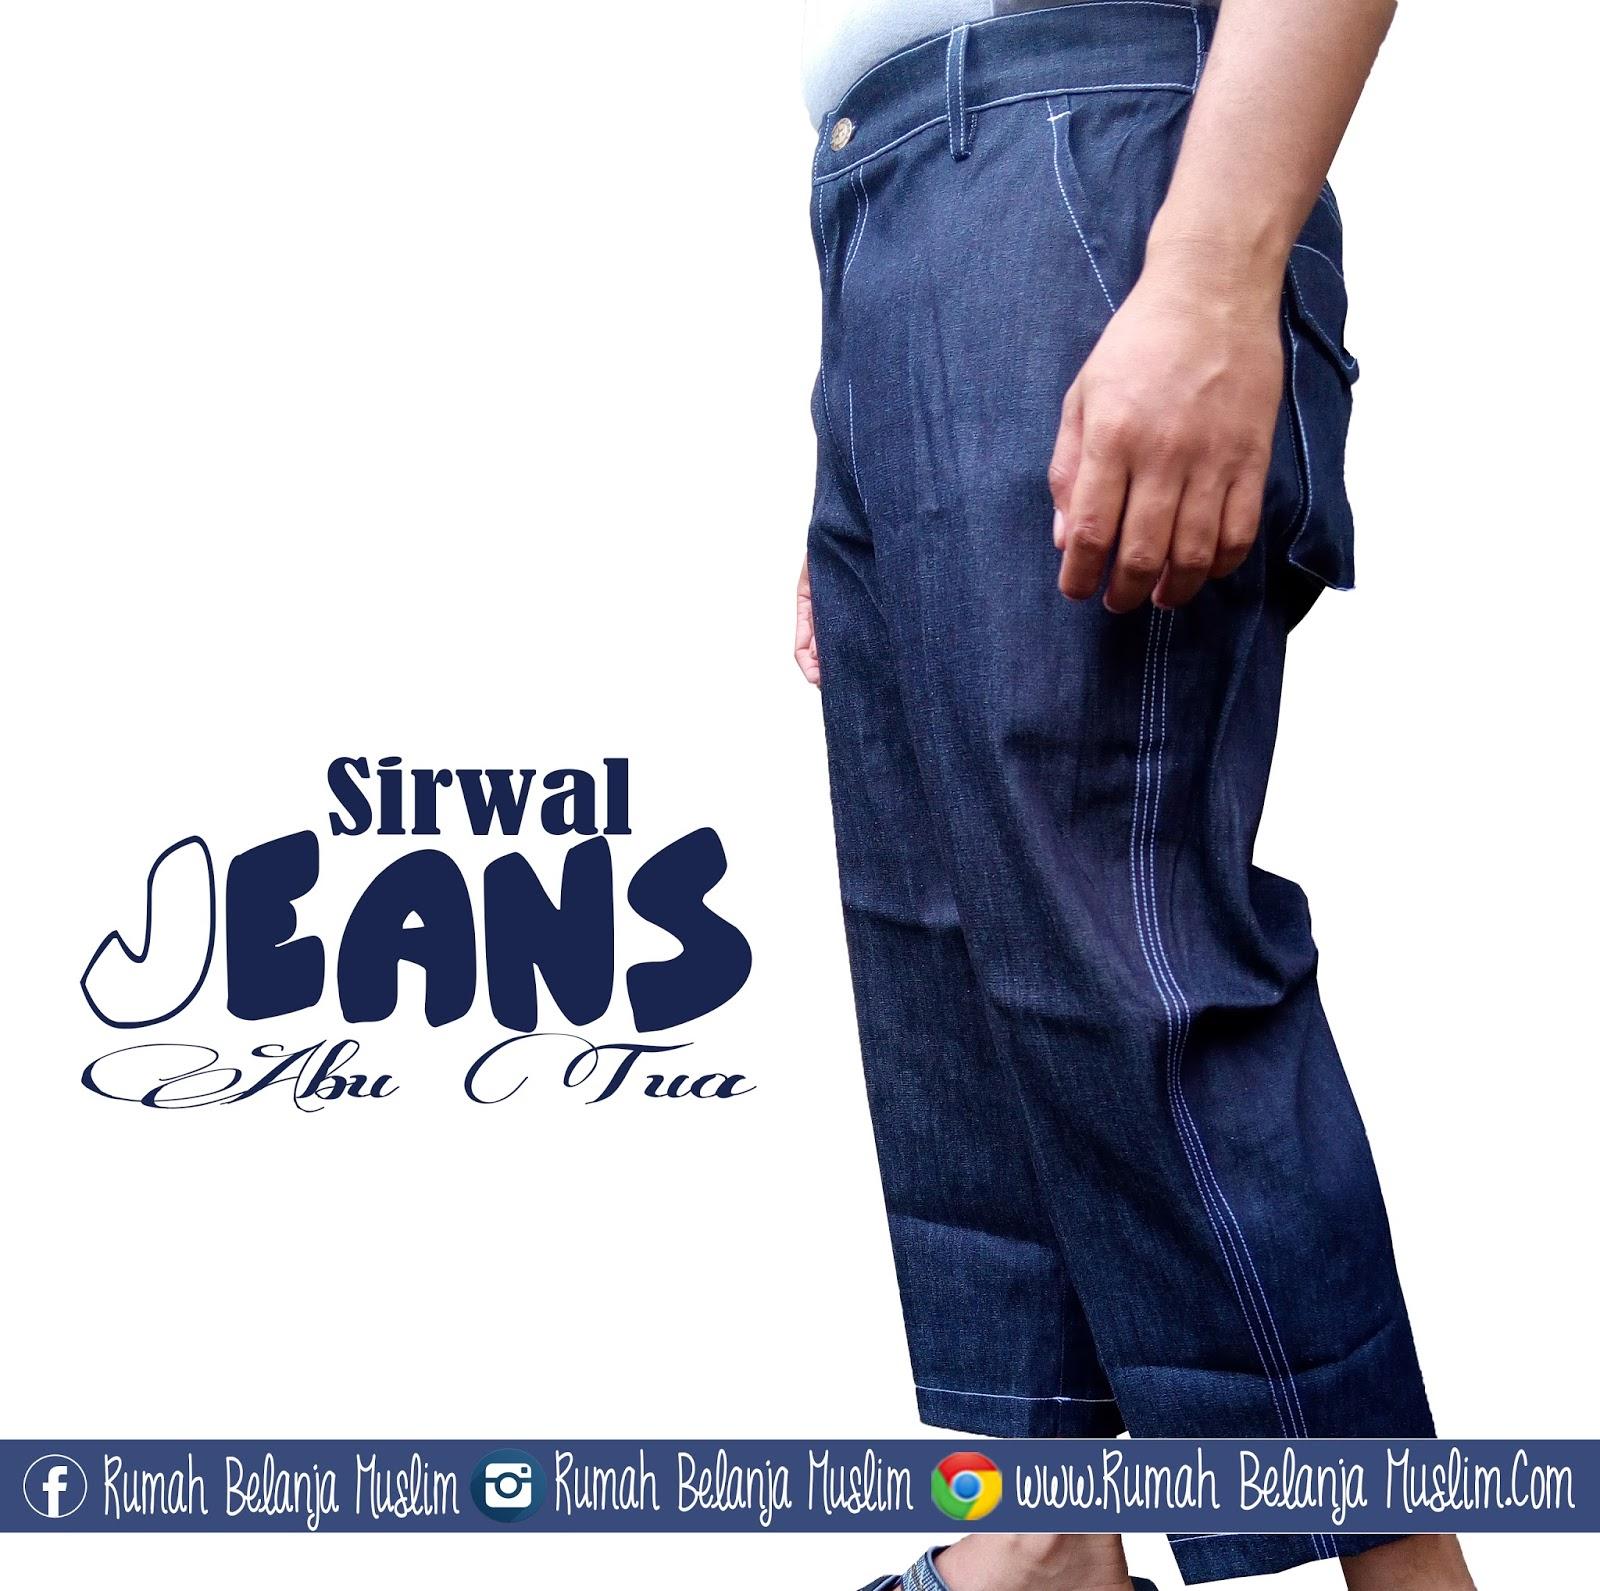 Celanaku Celana Cingkrang Sirwal Tidak Isbal Boxer Ukuran L Biru Bunayya Laa Isbaal Jeans